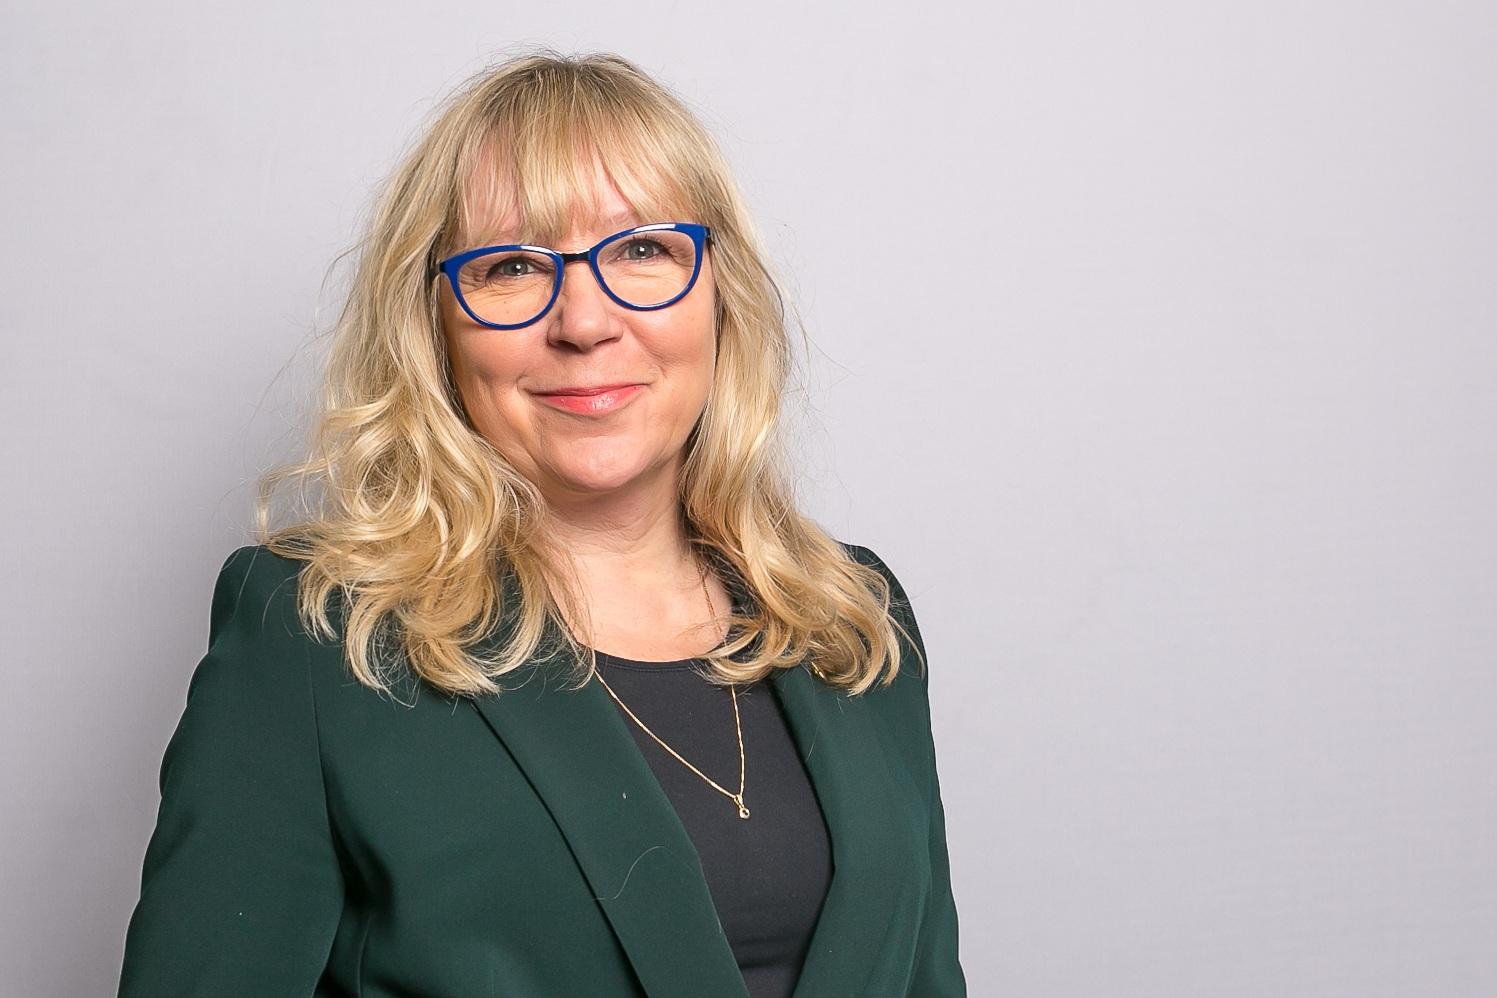 Veera Hämäläinen  Communications Director  040 621 4747  veera.hamalainen@springvest.fi